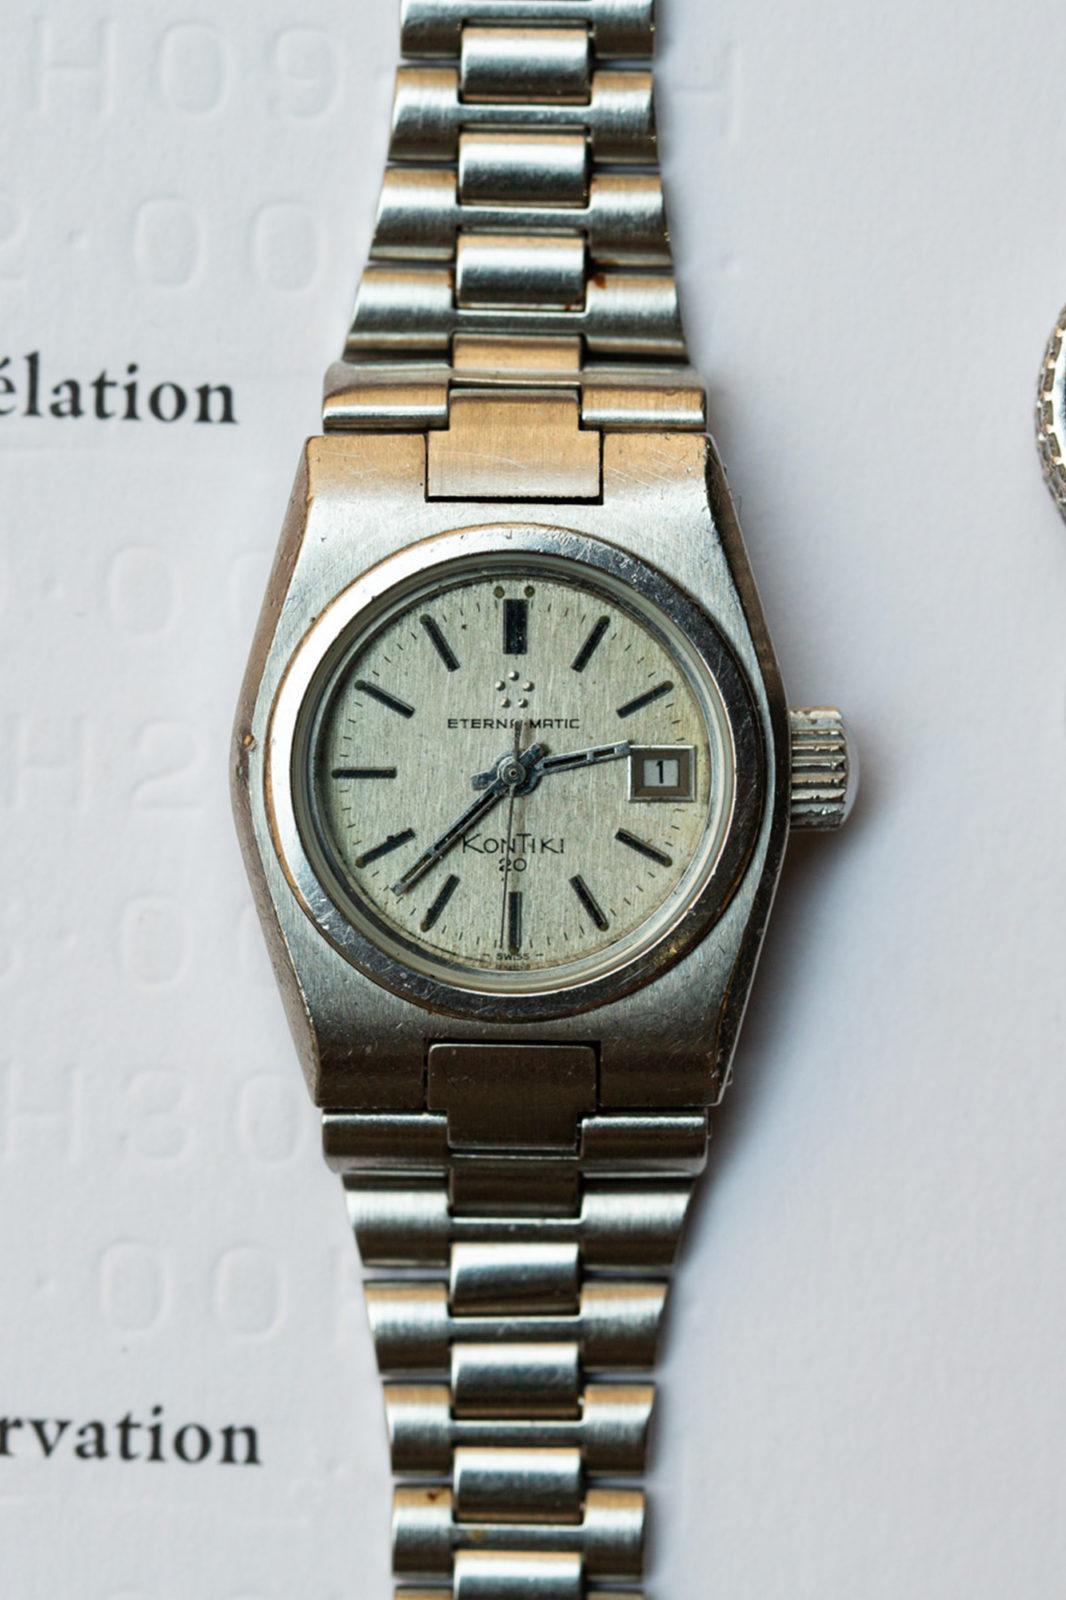 Eterna-Matic Kontiki 20 - Sélection de montres vintage Joseph Bonnie